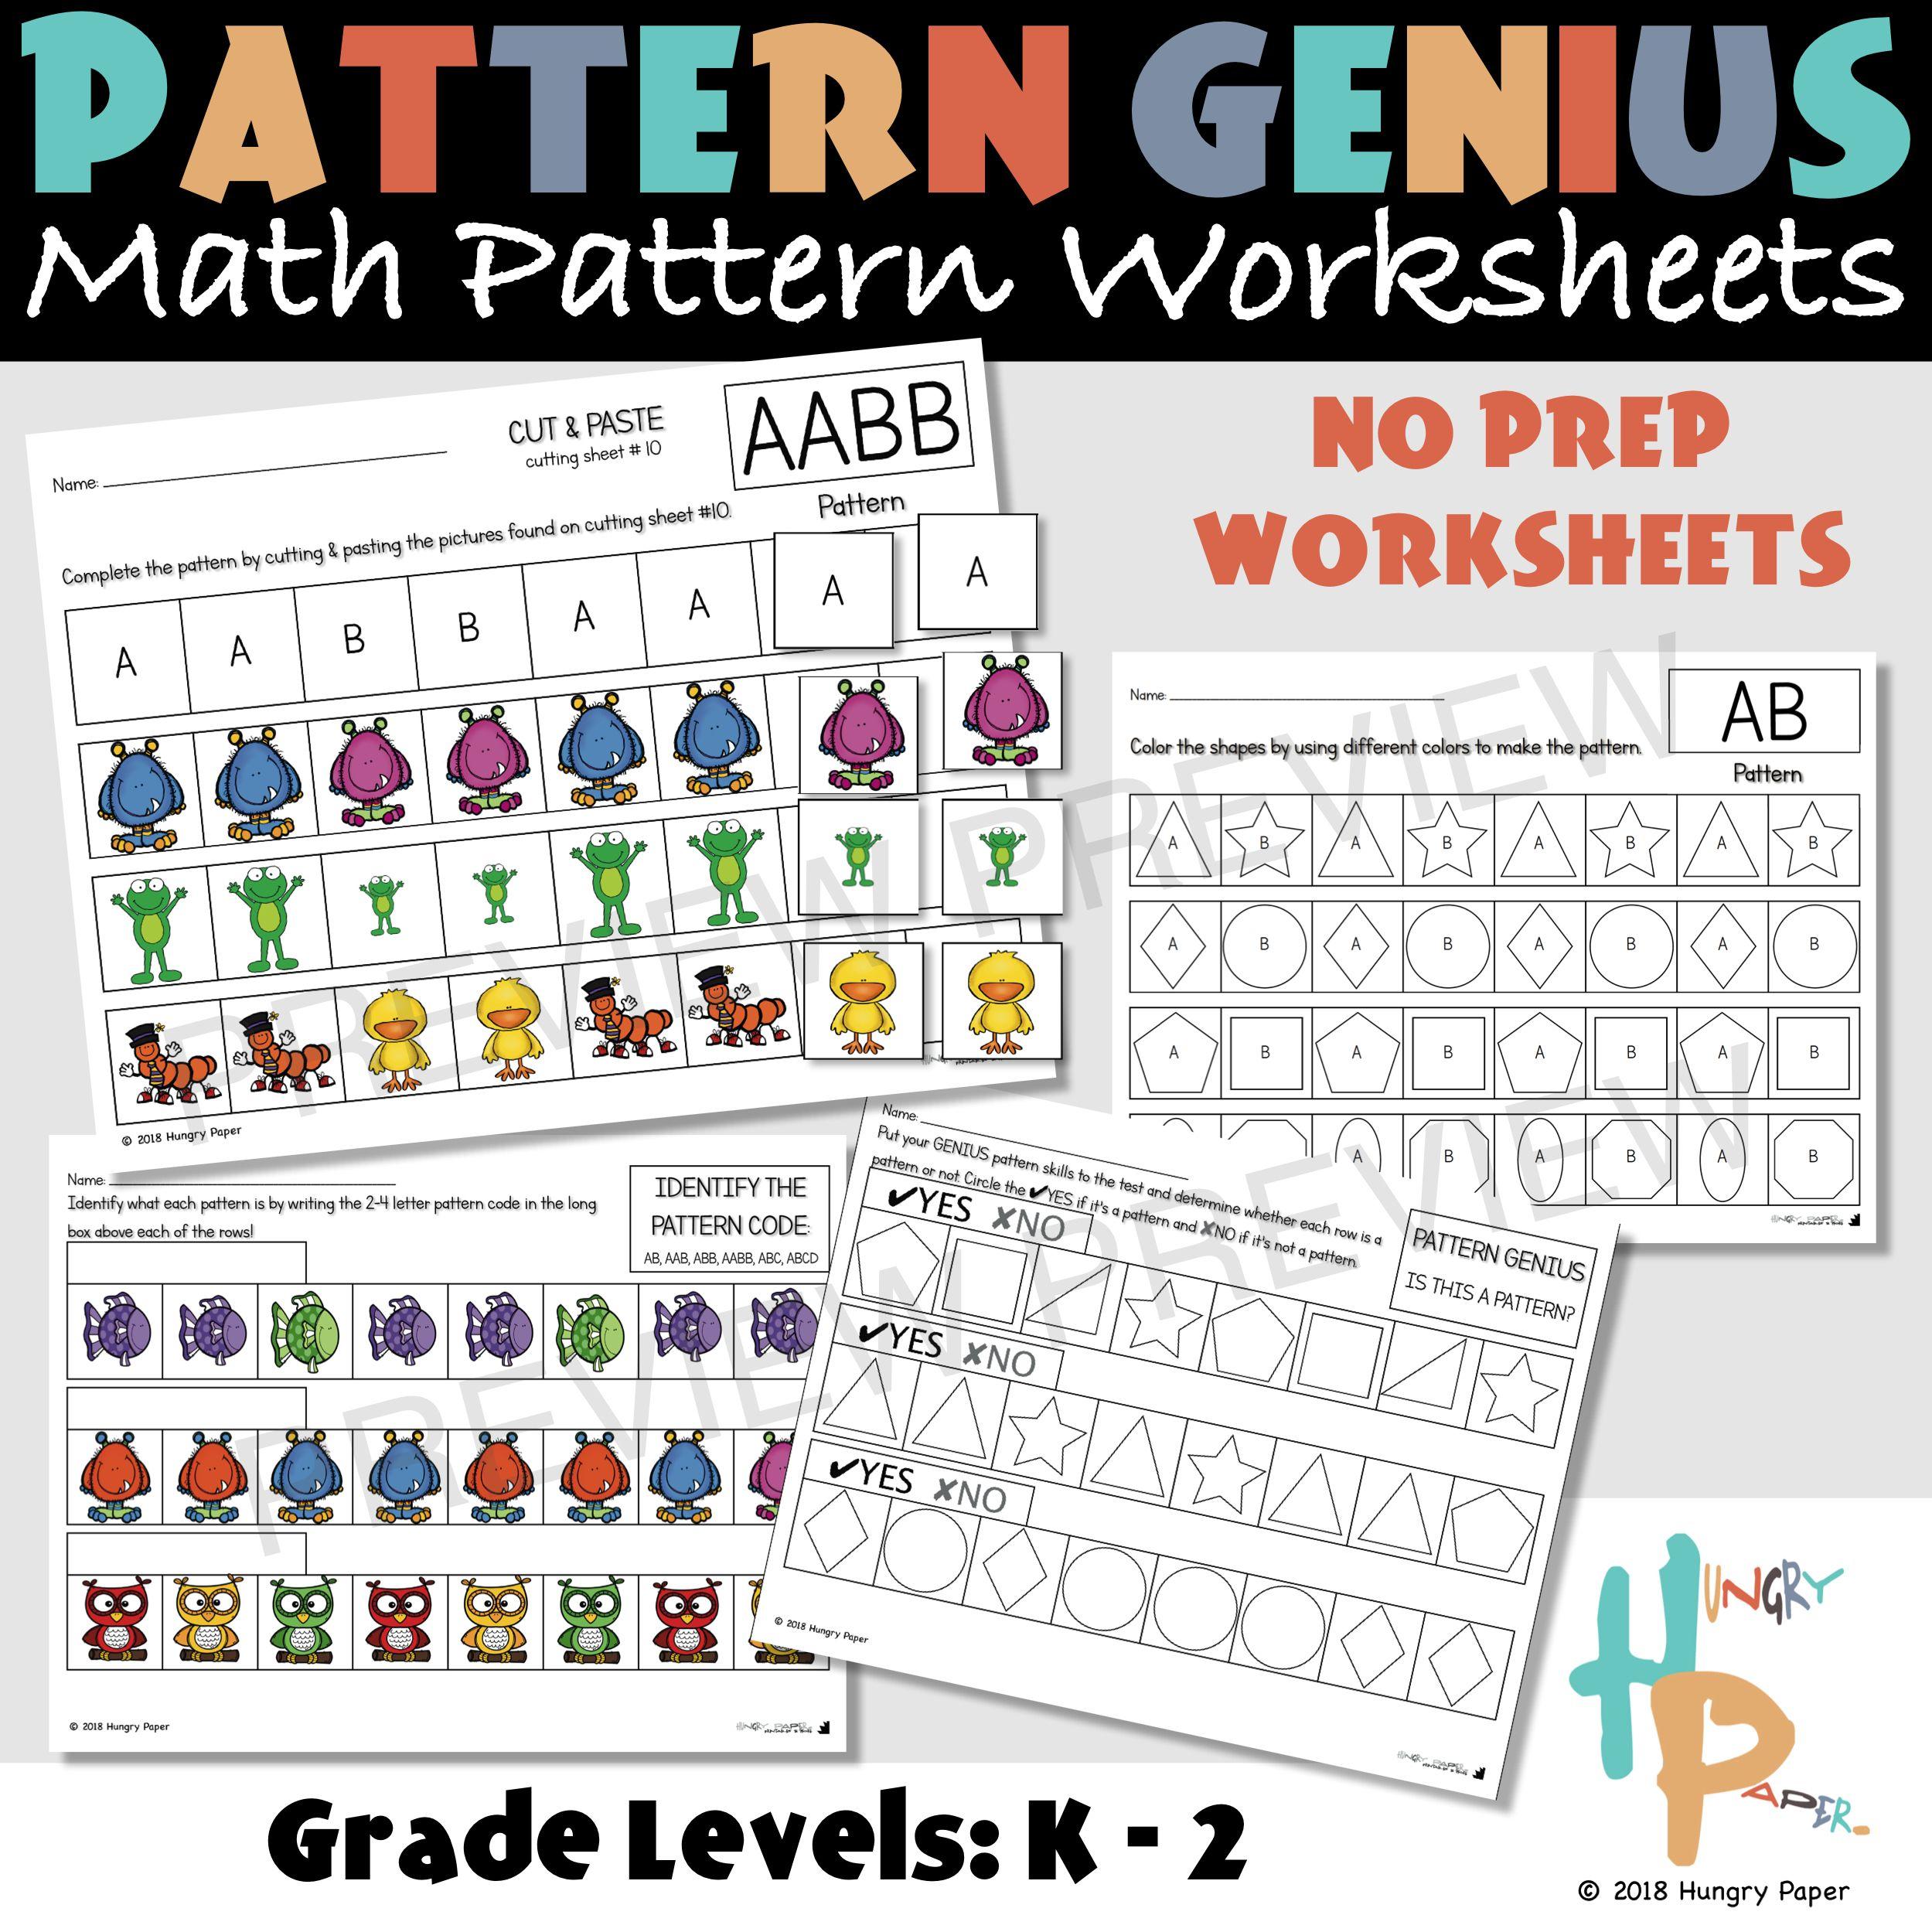 Pattern Genius Math Pattern Worksheets